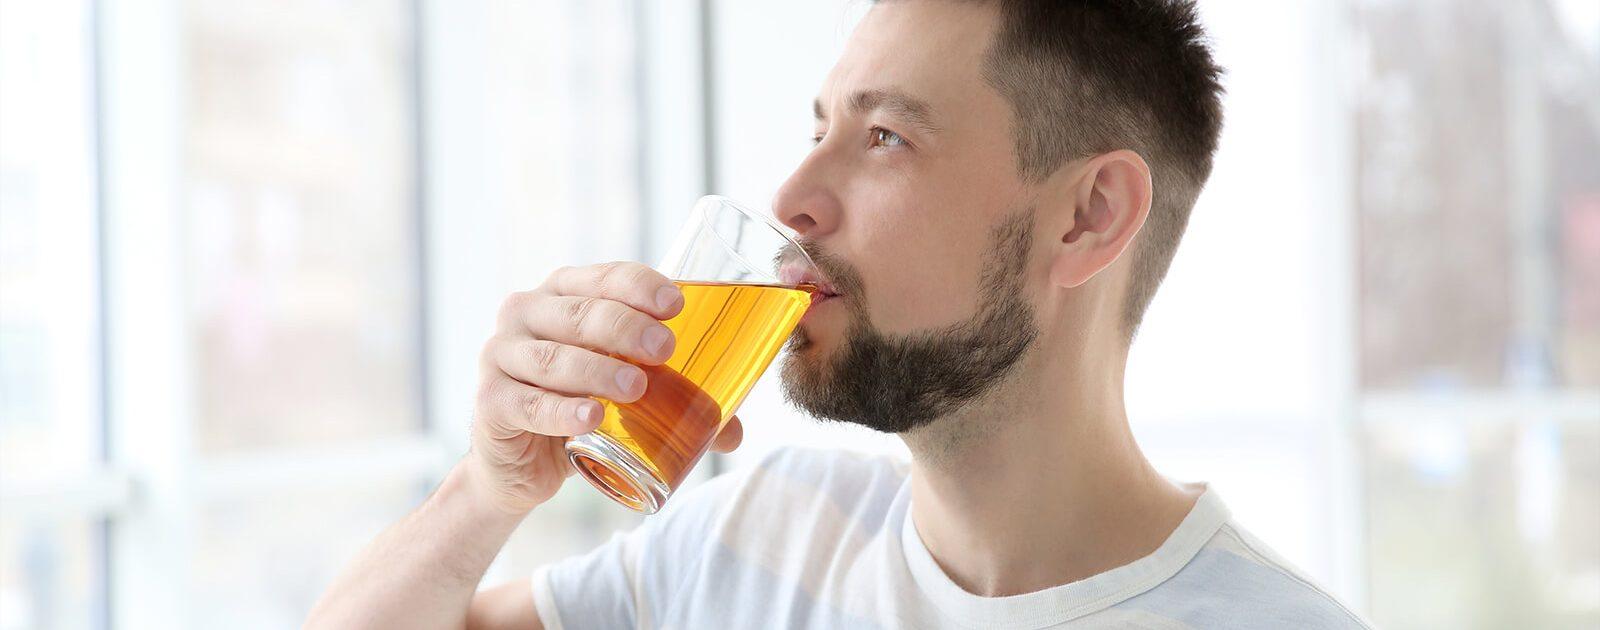 Mann trinkt für einen C13-Atemtest beim Arzt ein Glas Saft.